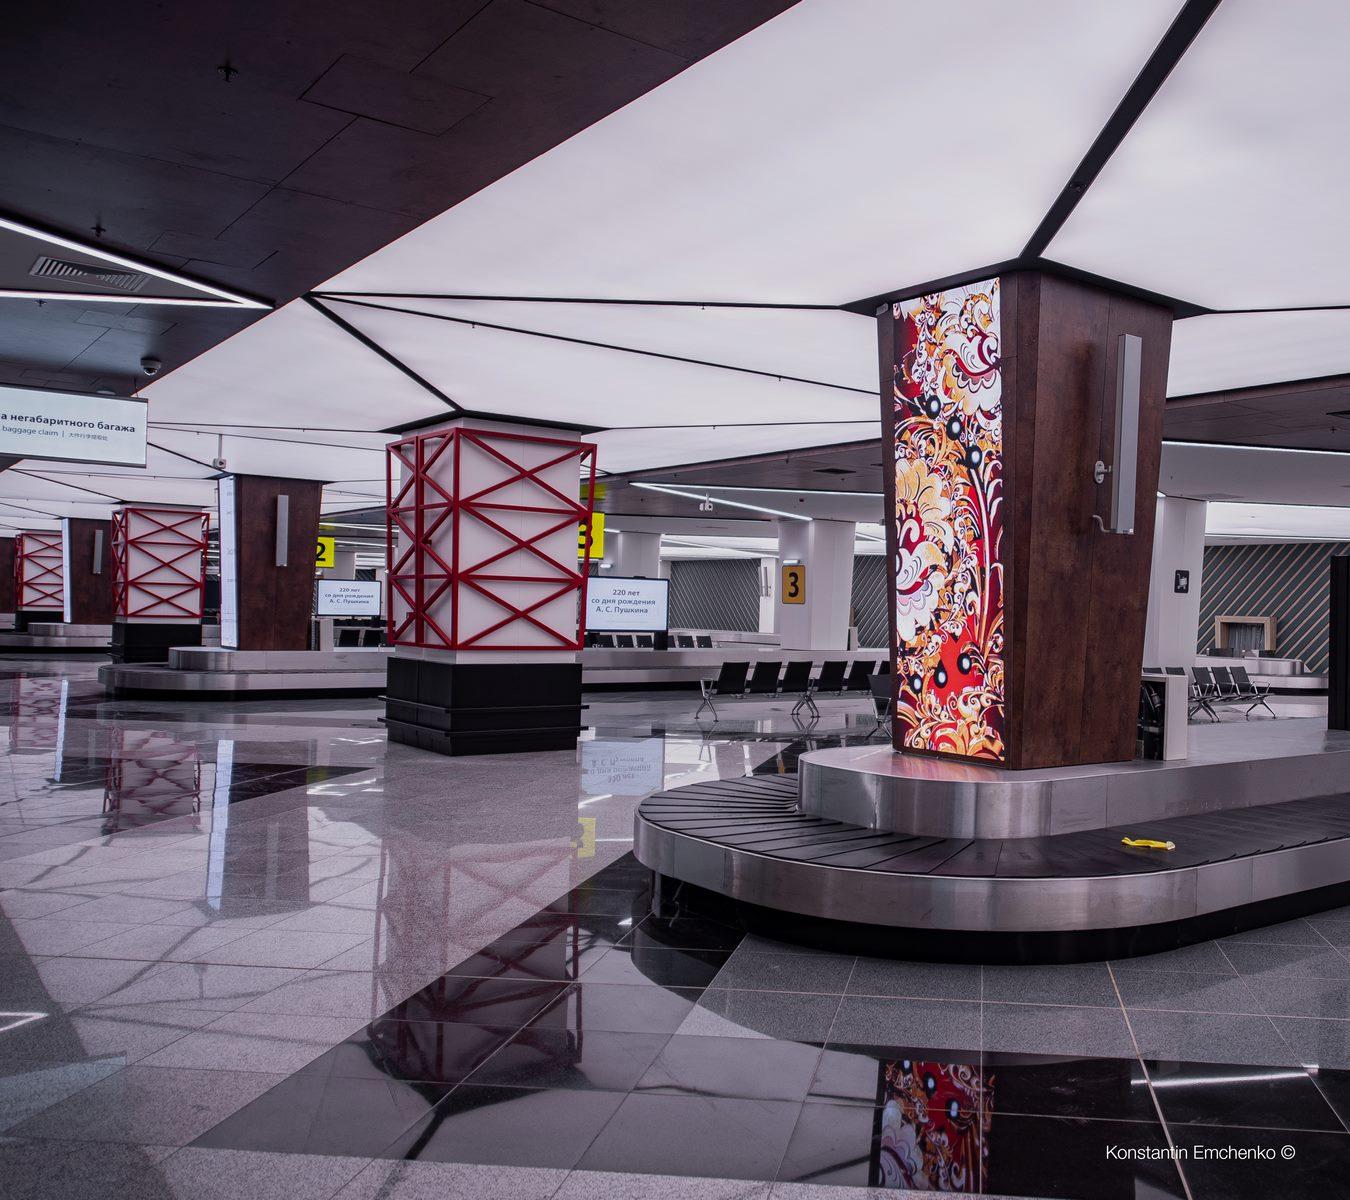 La historia y cultura rusa reflejada en el Aeropuerto de Moscú 12